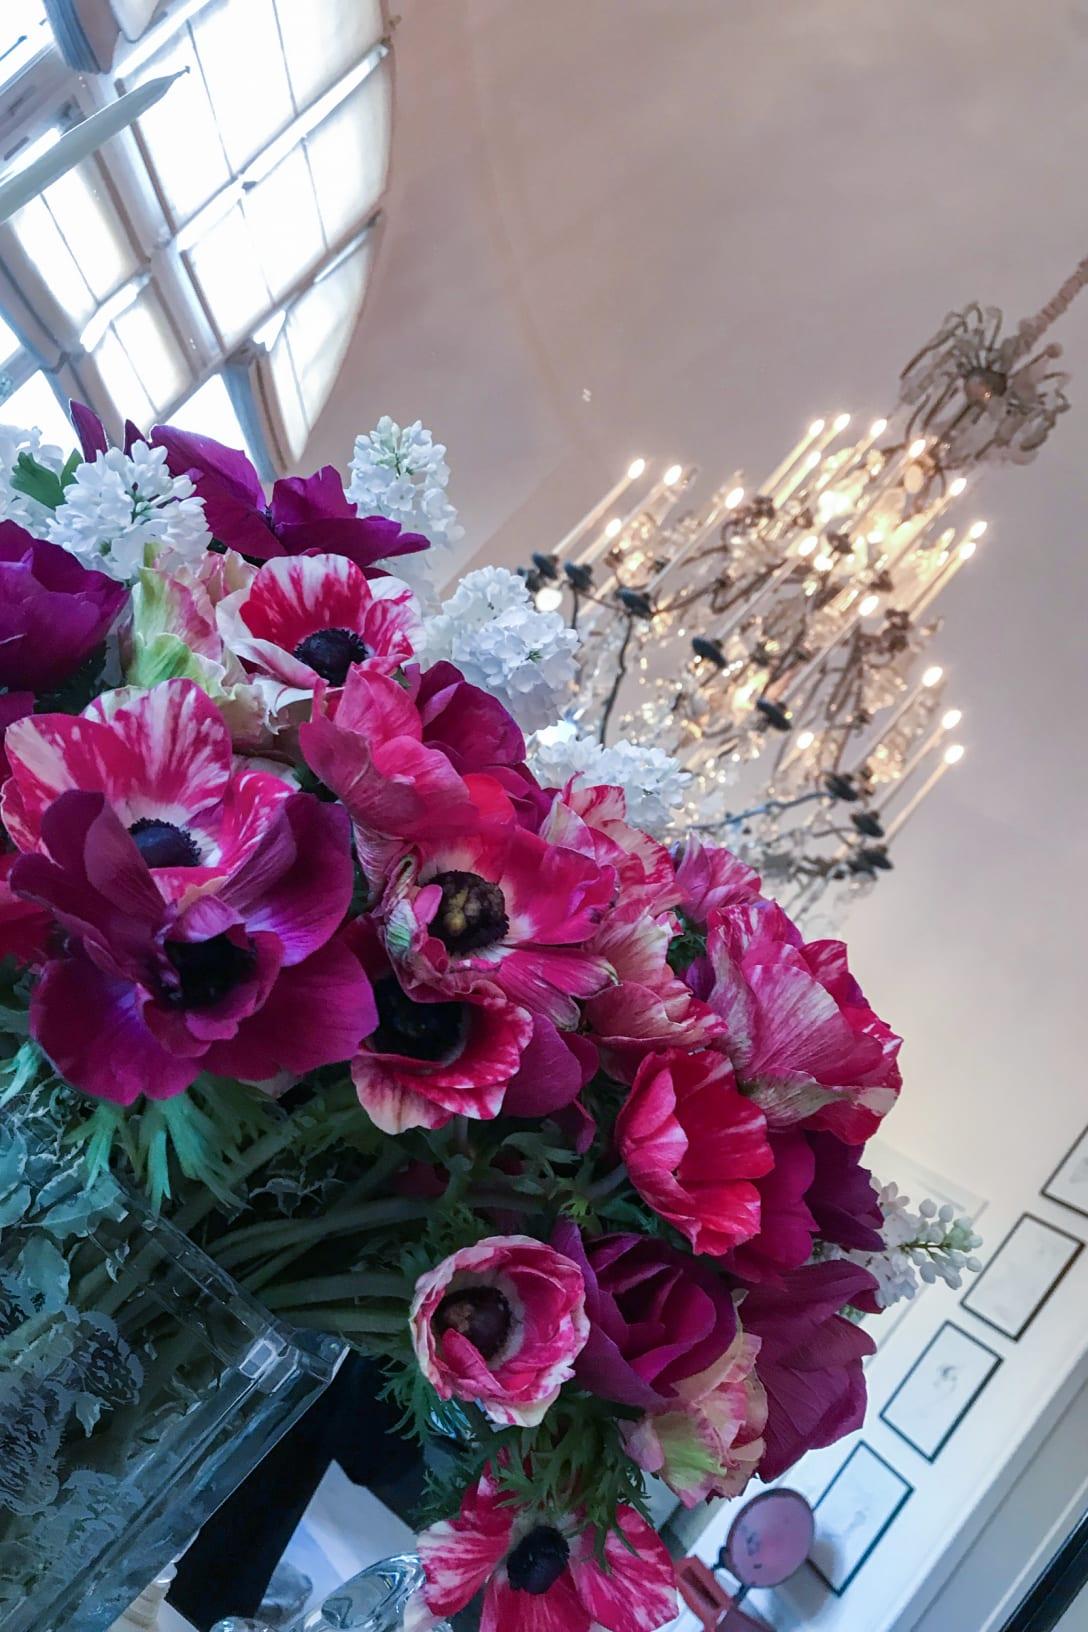 自宅を飾る花とシャンデリア(筆者提供)